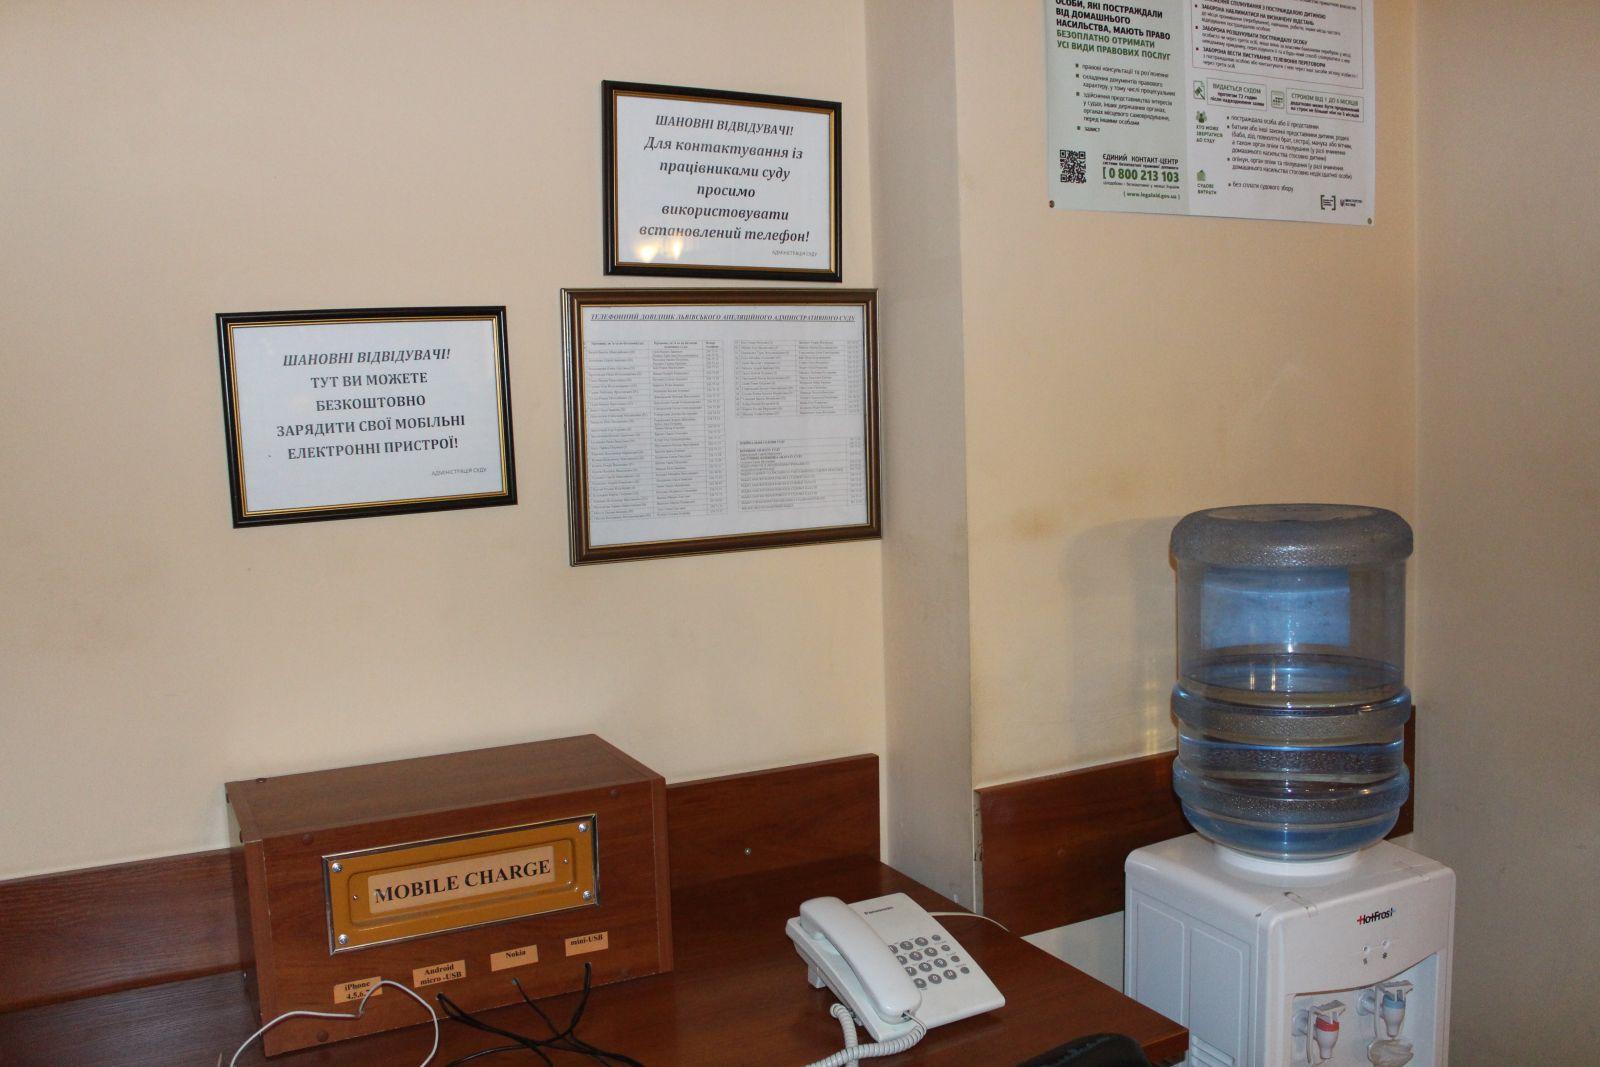 Восьмий апеляційний адміністративний суд. Універсальний зарядний пристрій та кулер з водою